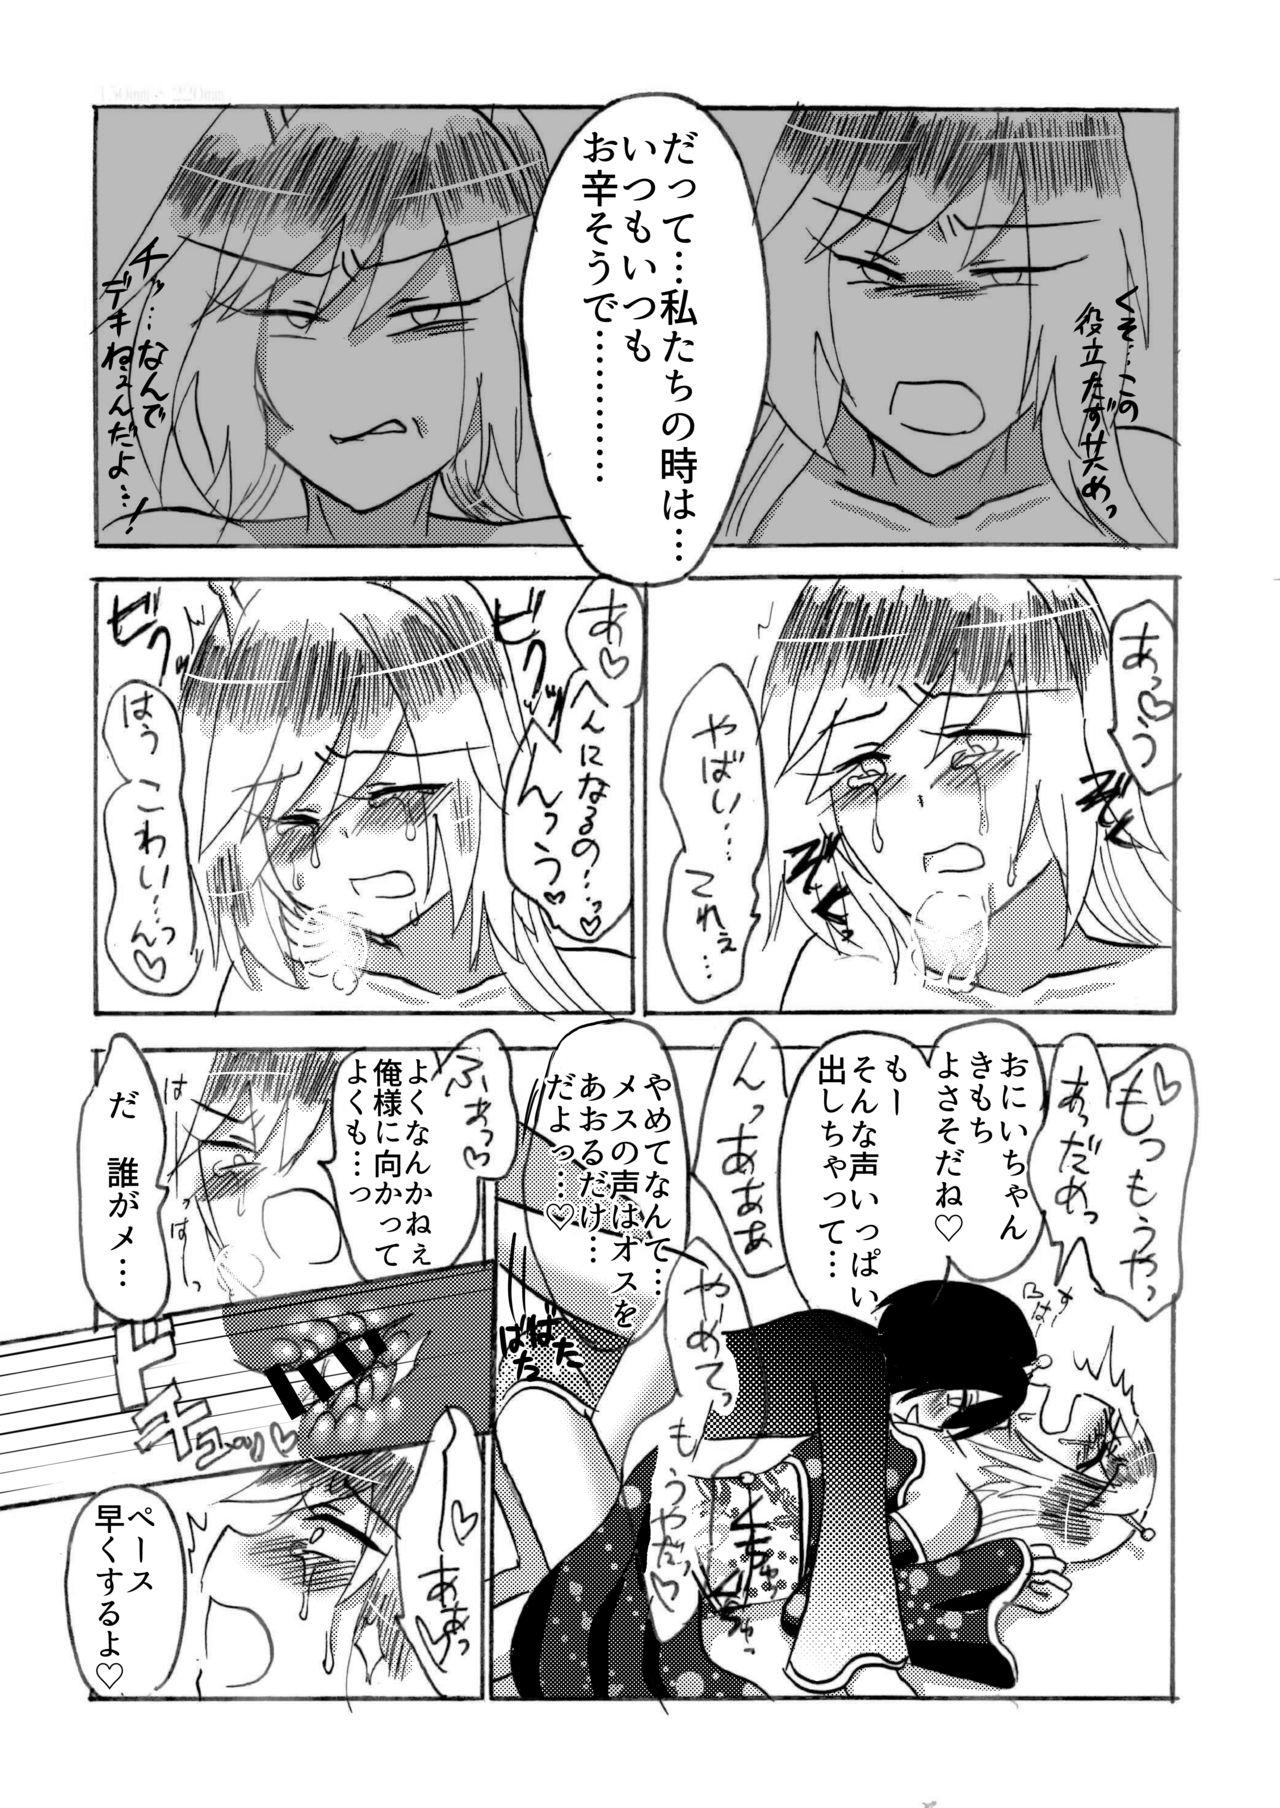 Hira-zoku no Hanashi 22